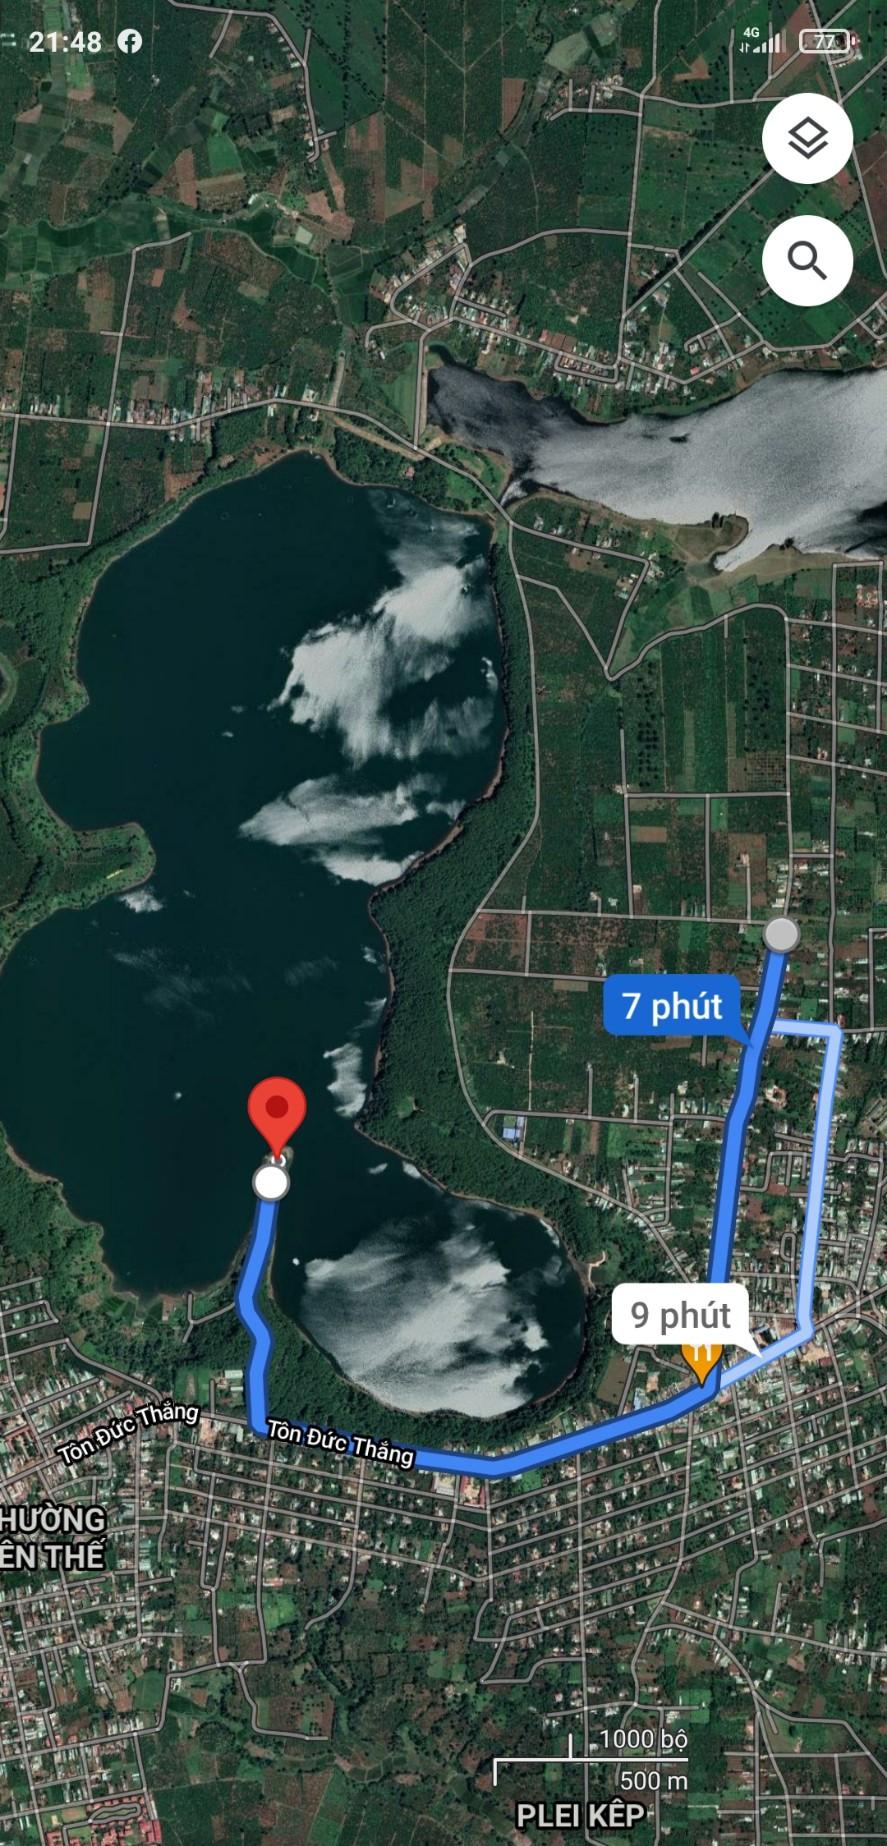 Bán đất 1500m2 khu du lịch sinh thái Biển Hồ, TP Pleiku, Gia Lai